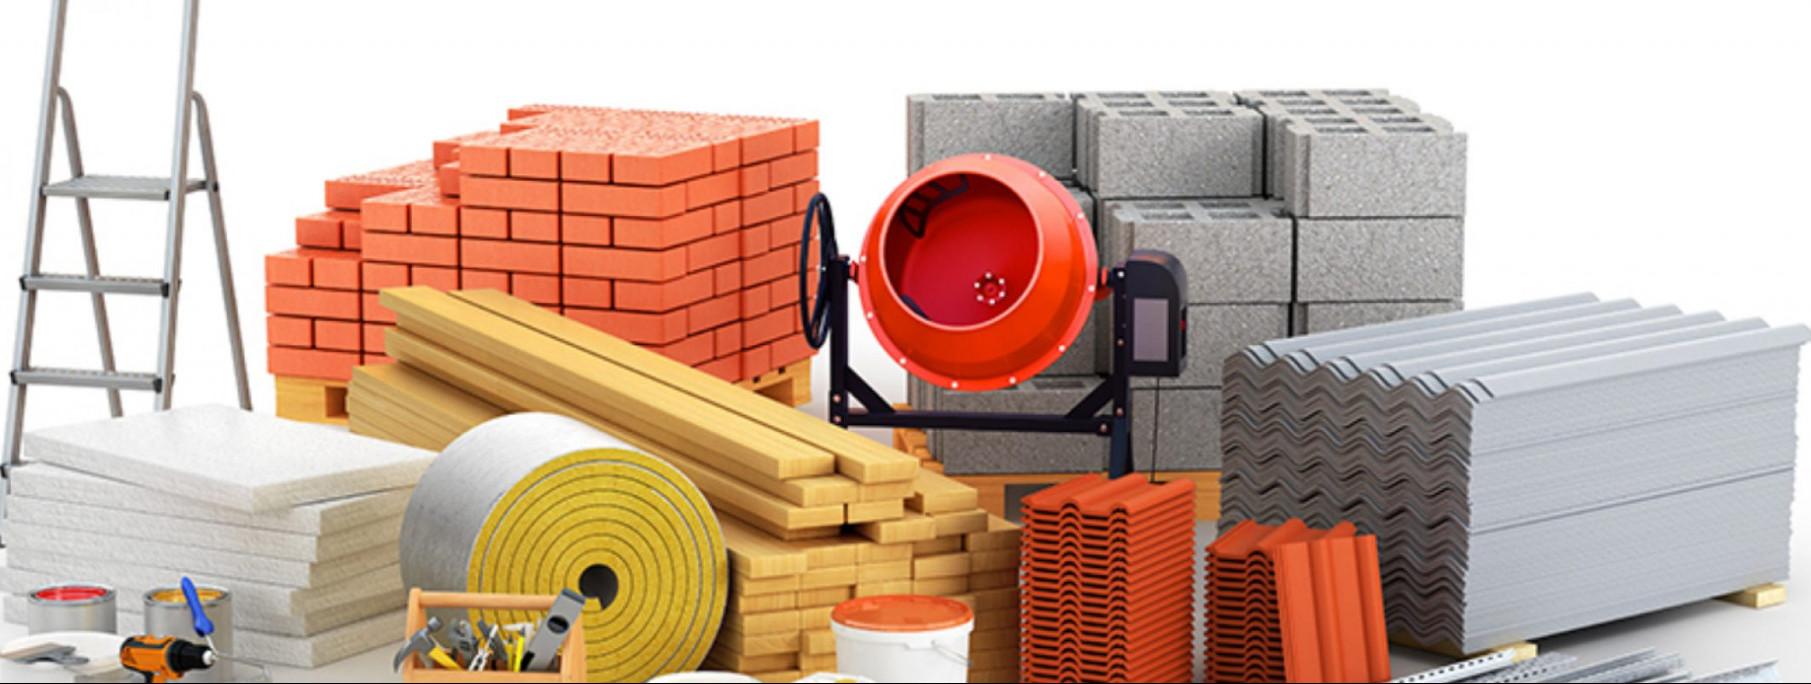 construcao-materiais-obra-lista-telhanorte